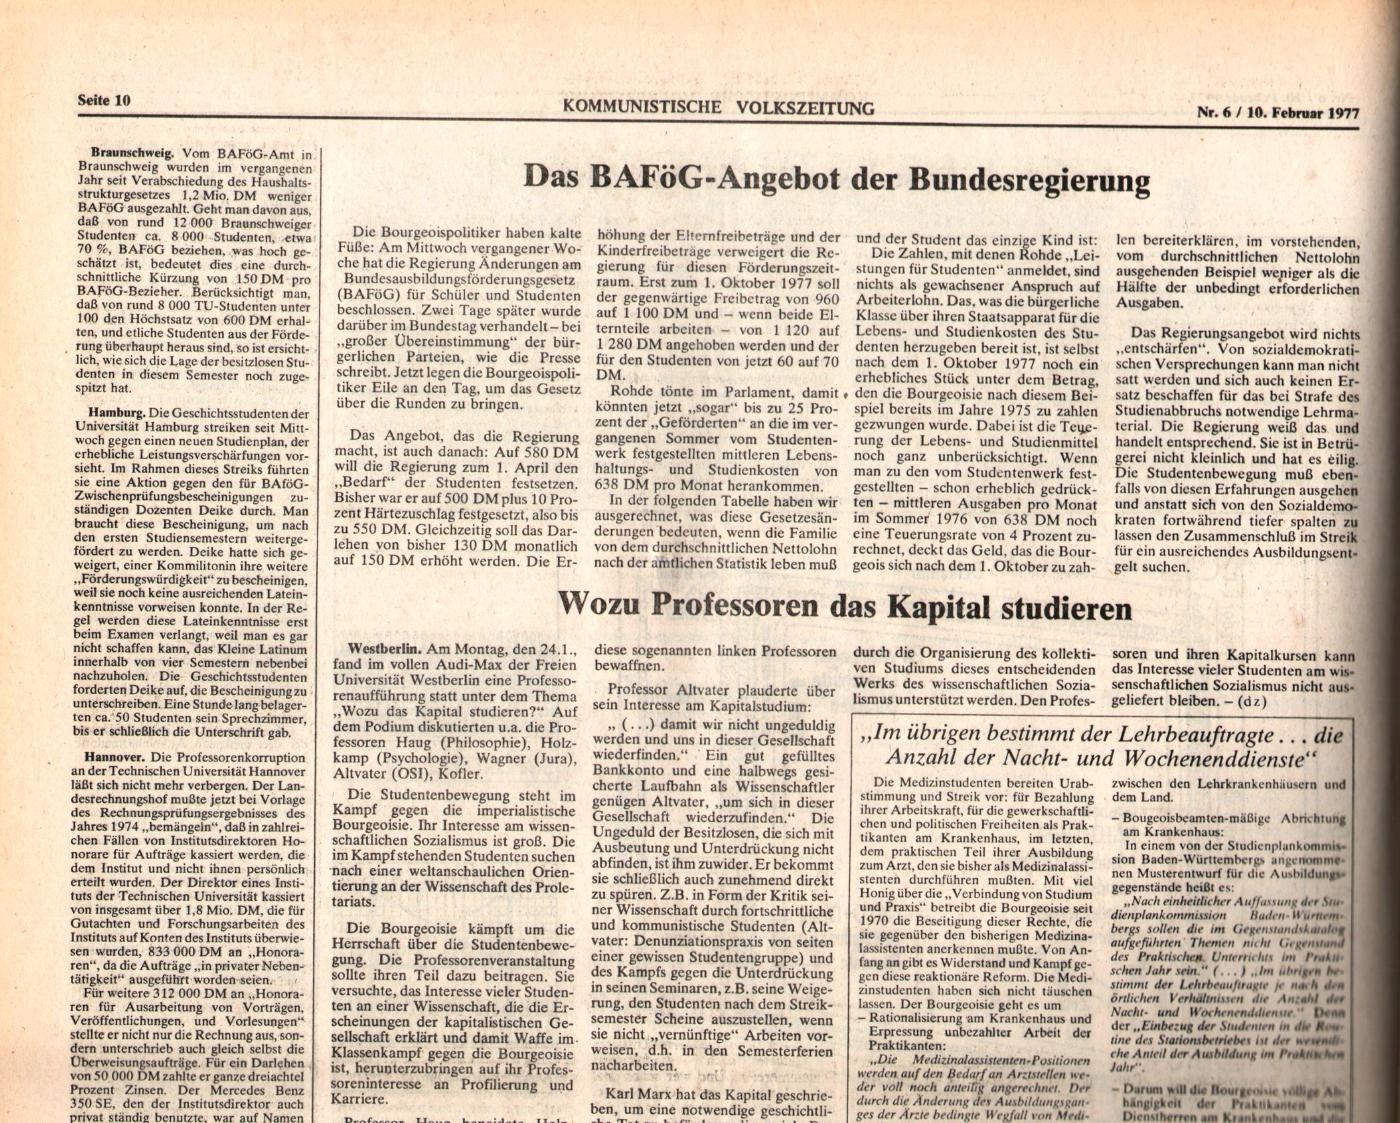 KVZ_Nord_1977_06_19